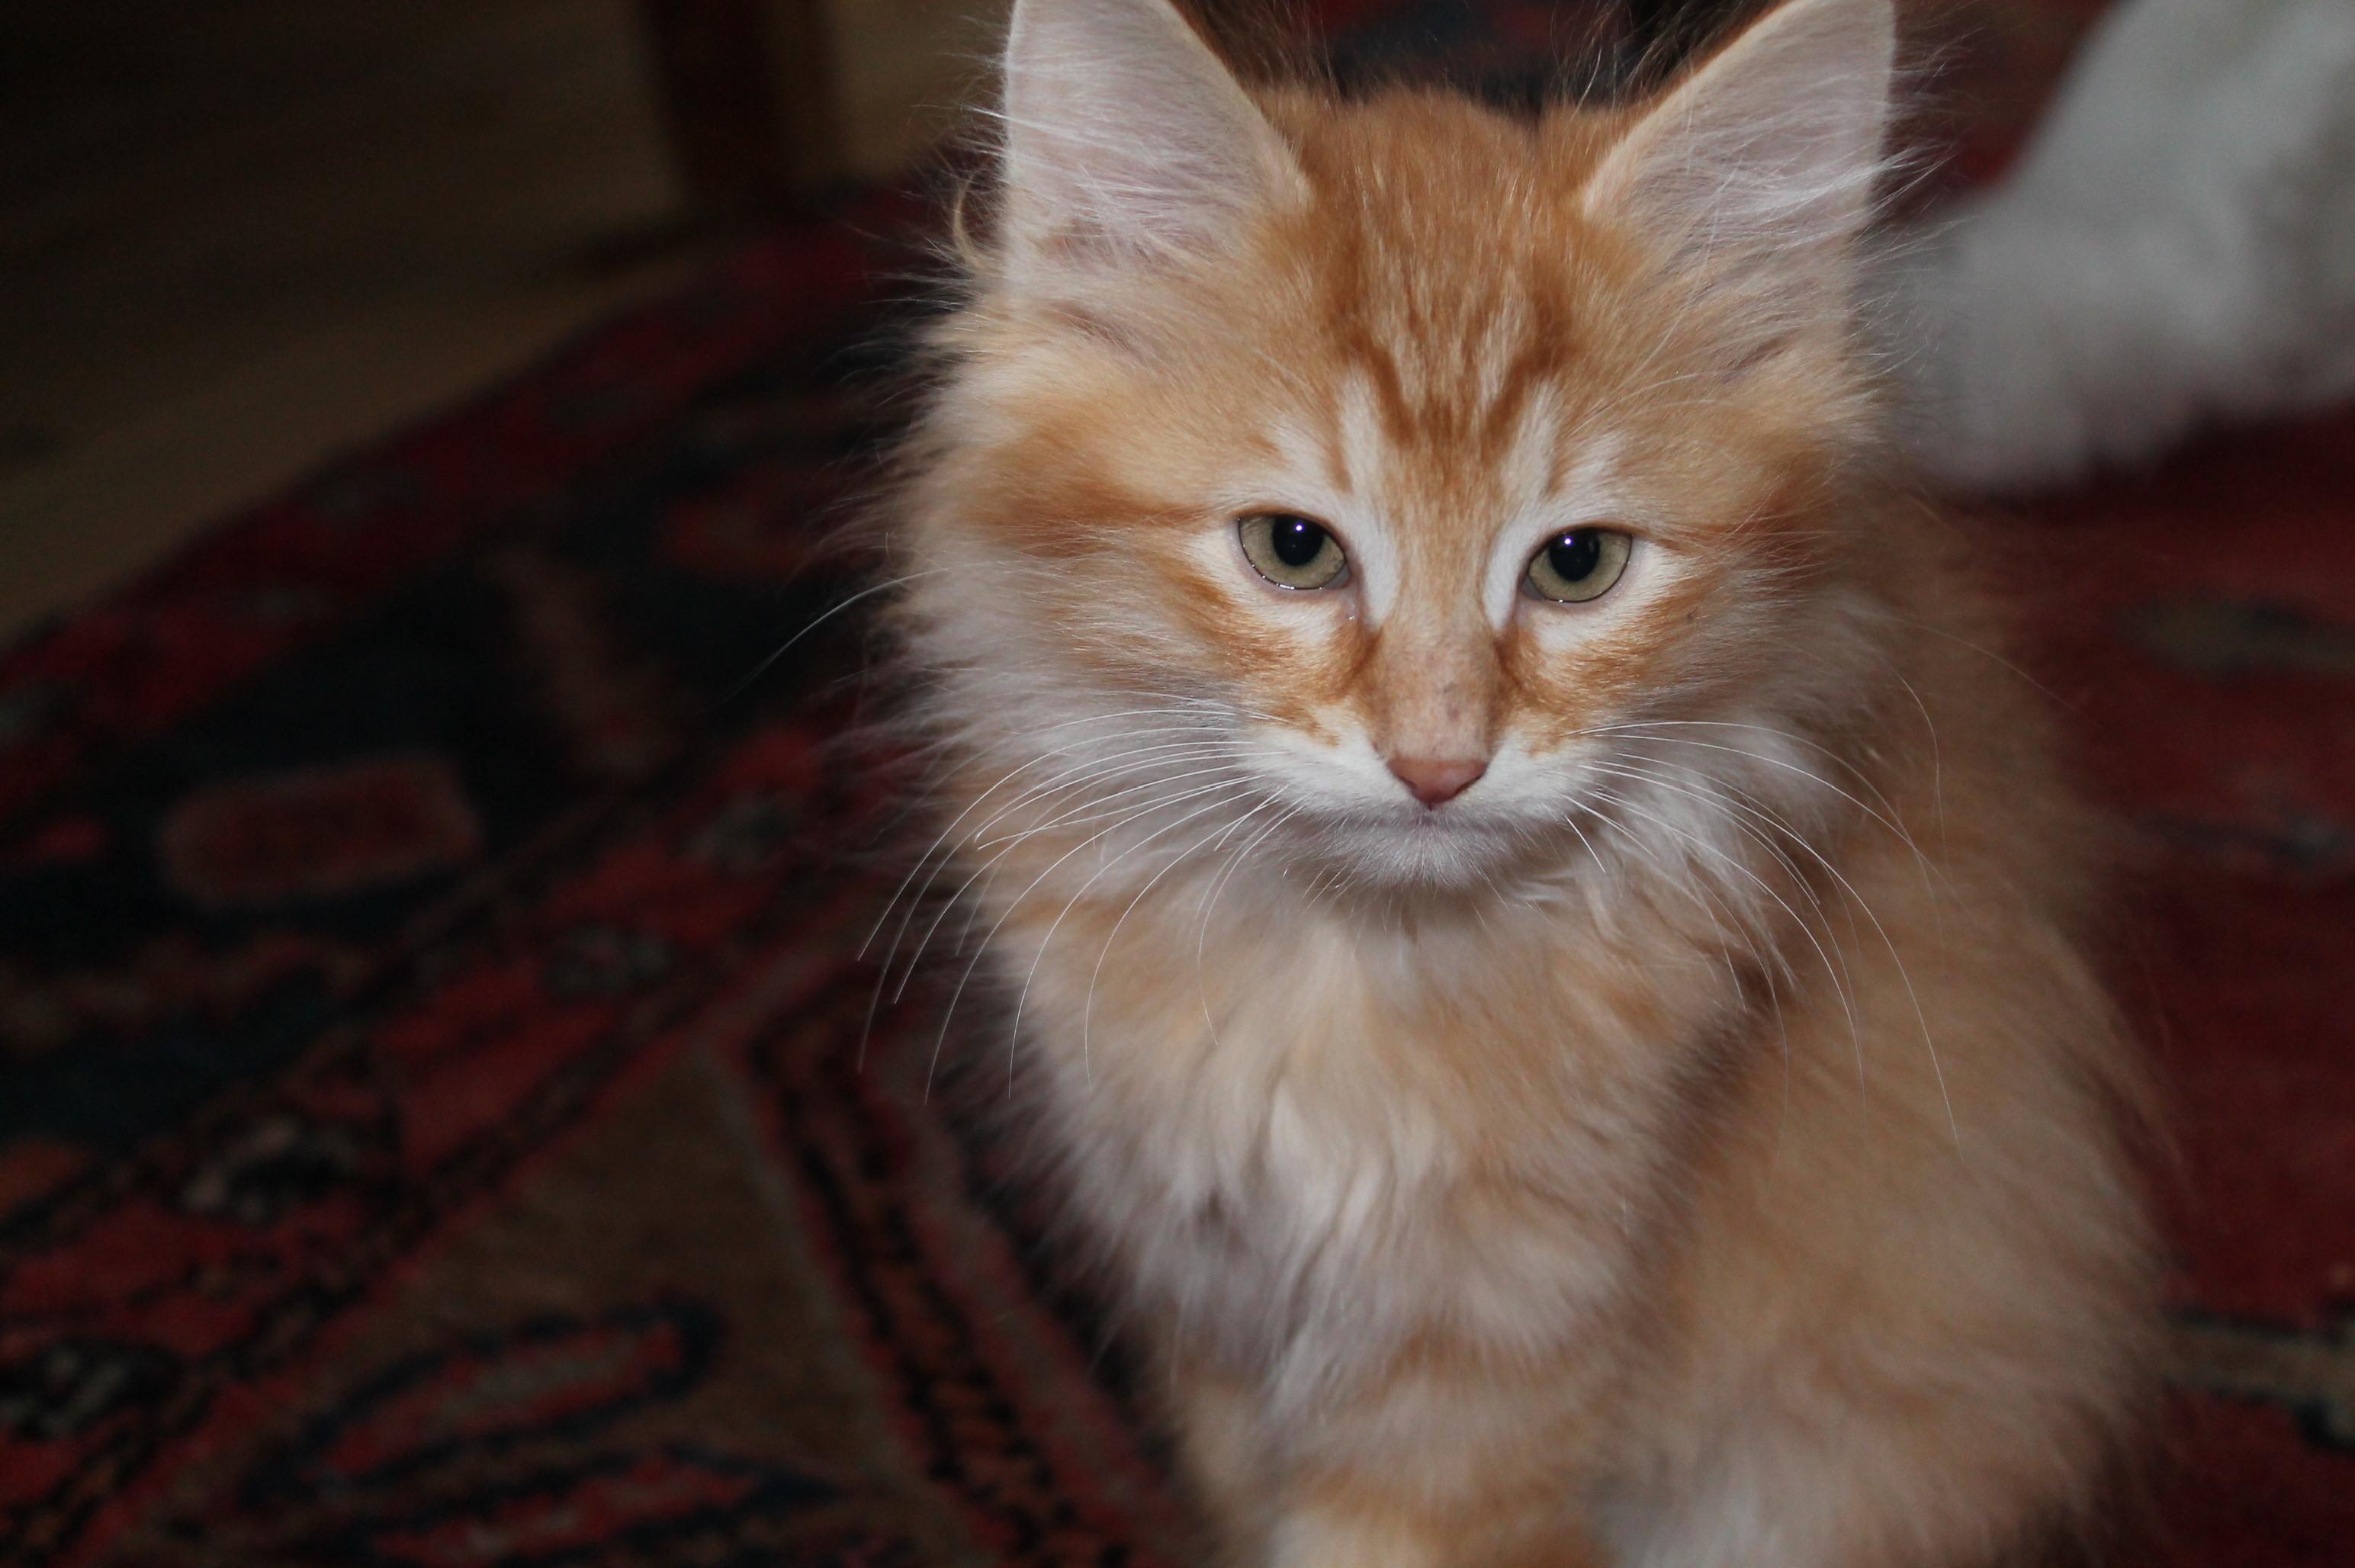 20130210 Kattungar elva veckor Omalley_1